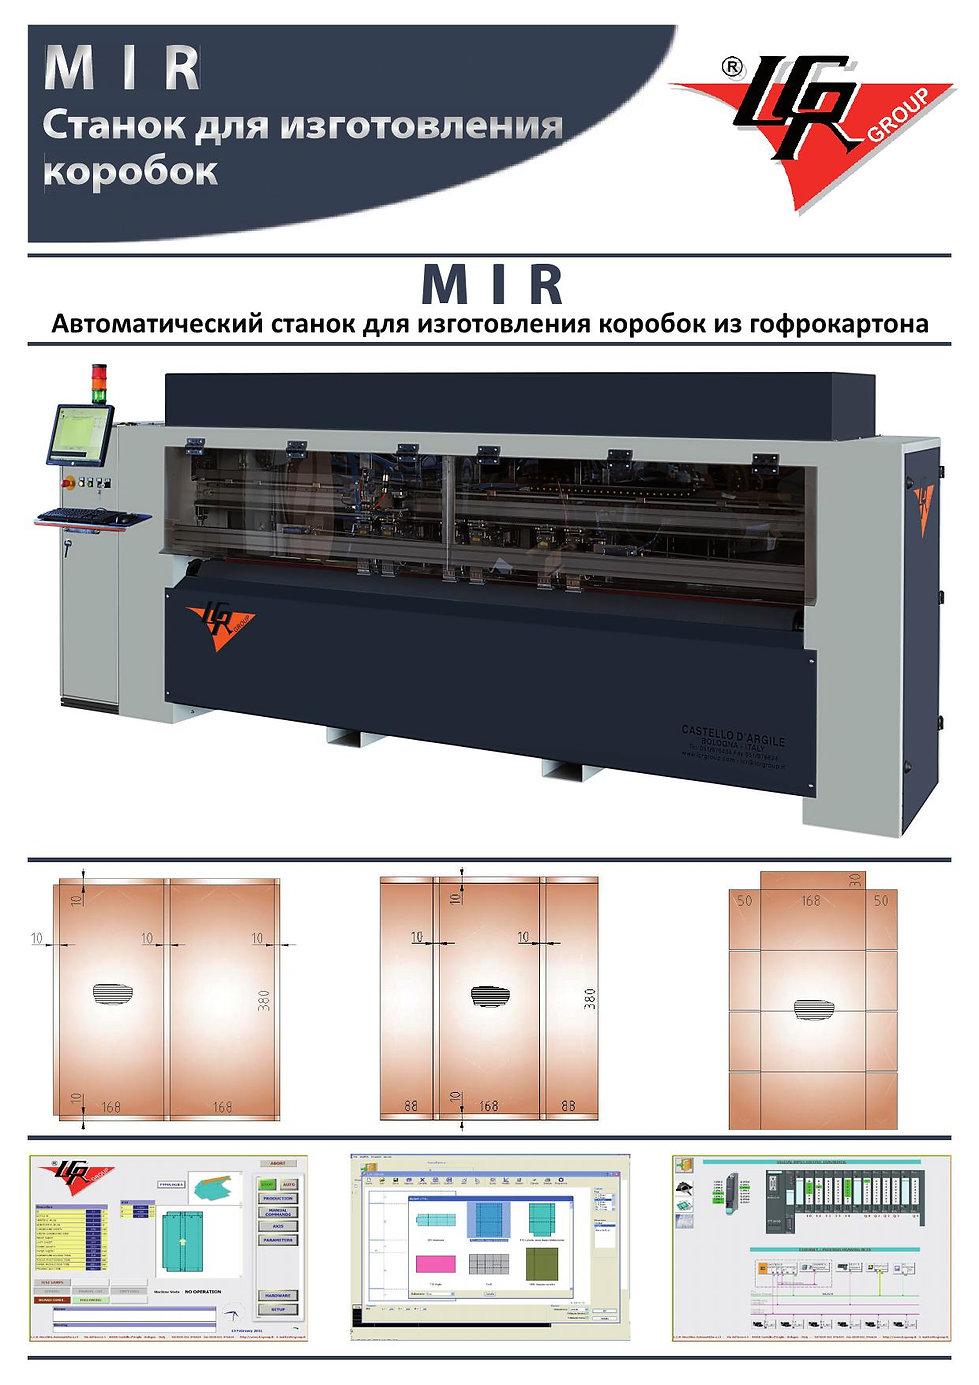 Станок для изготовления коробок MIR LCR